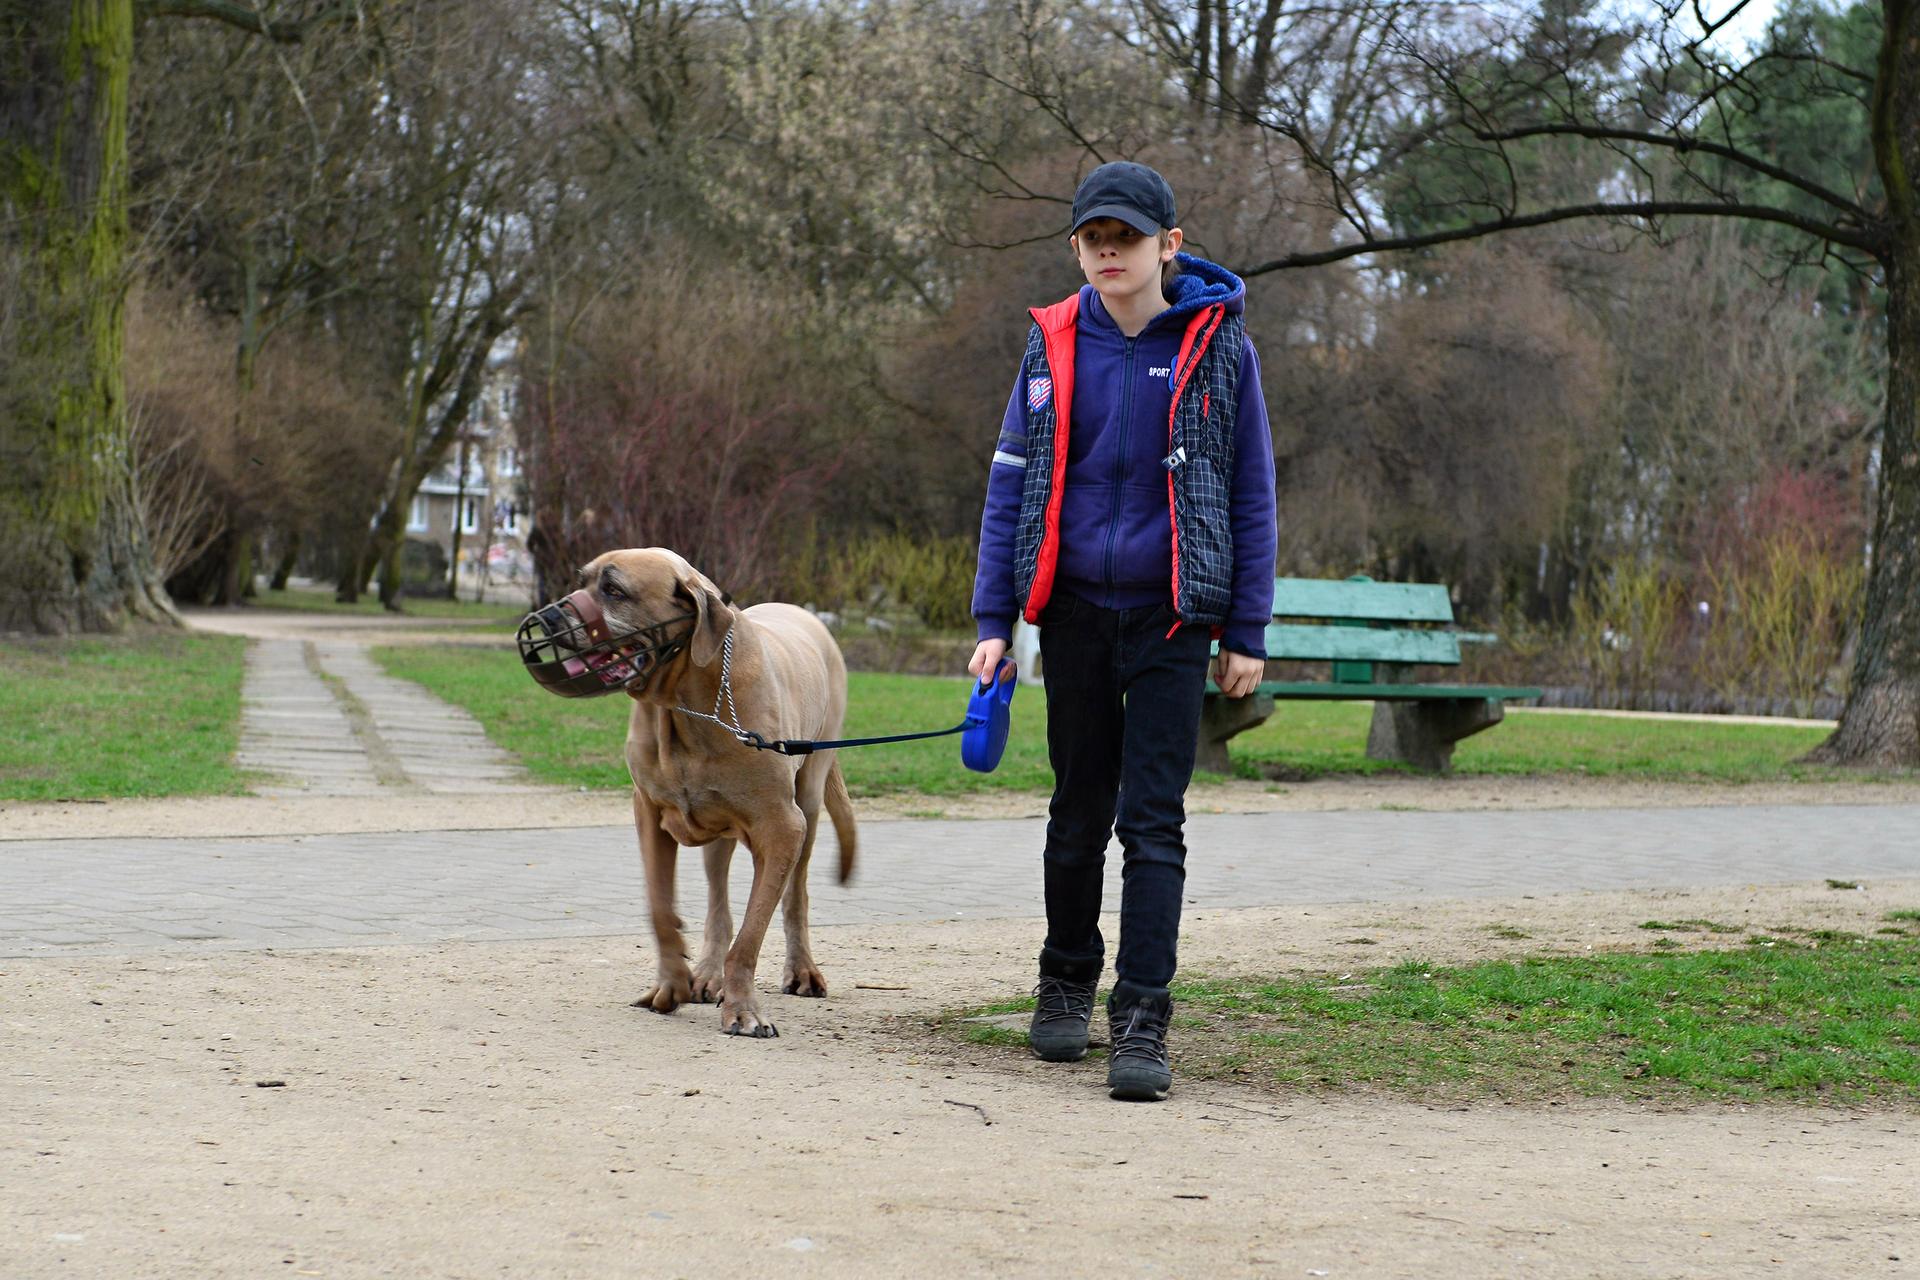 Galeria slajdów ukazujących sposoby opiekowania się zwierzętami. Slajd 1 – prezentuje dużego psa znałożonym na pysk kagańcem iprowadzonego na smyczy przez właściciela.